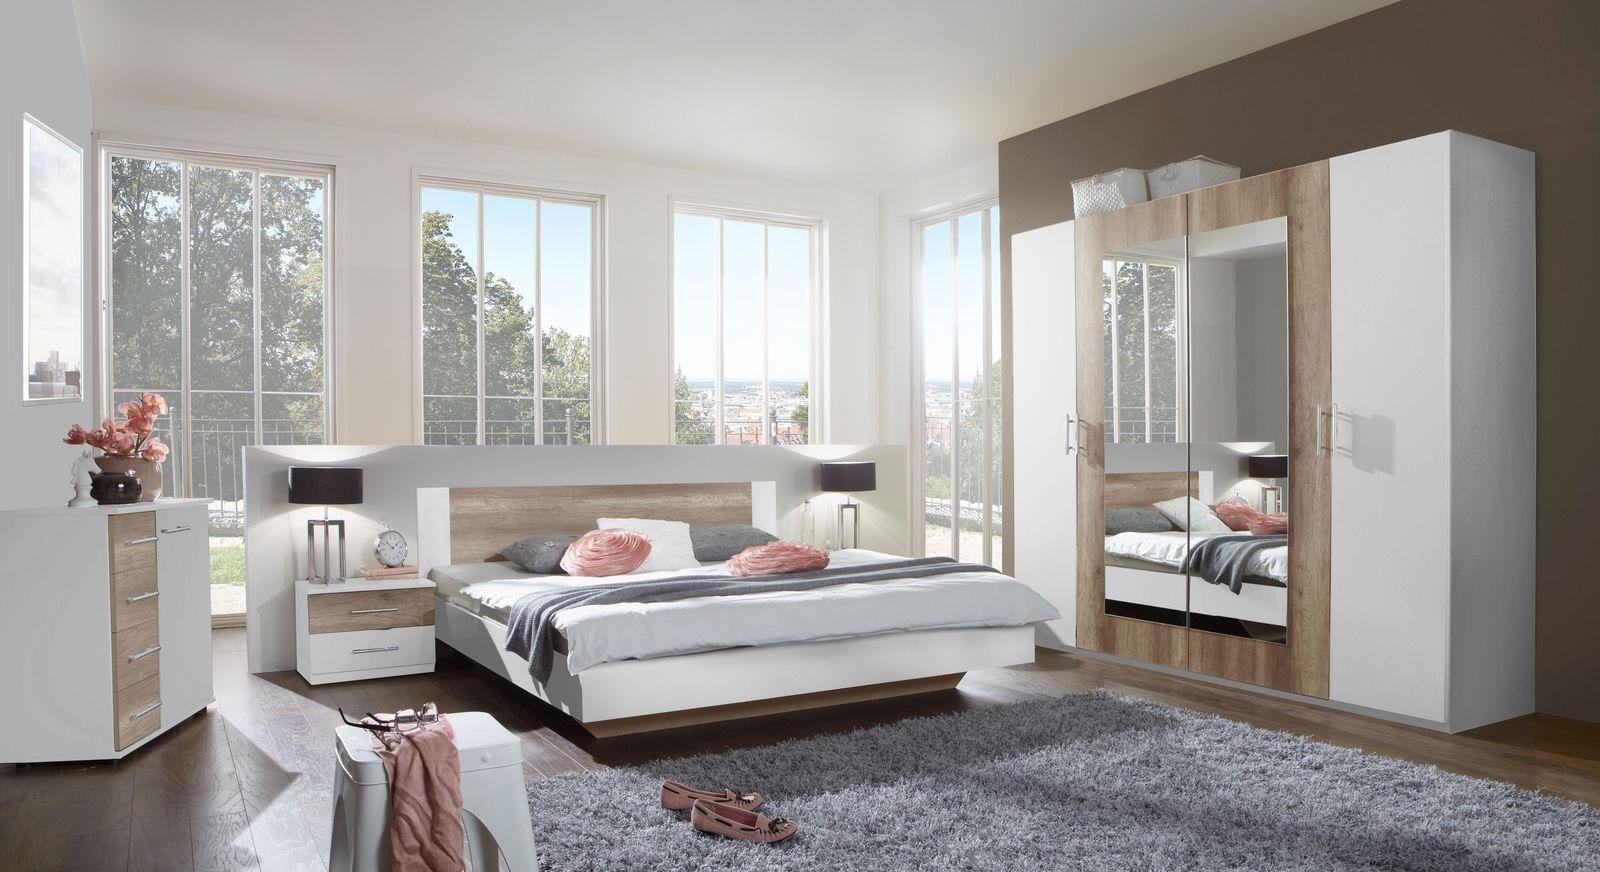 Schlafzimmergestaltung Ideen   Sukkulente Topfe Deko